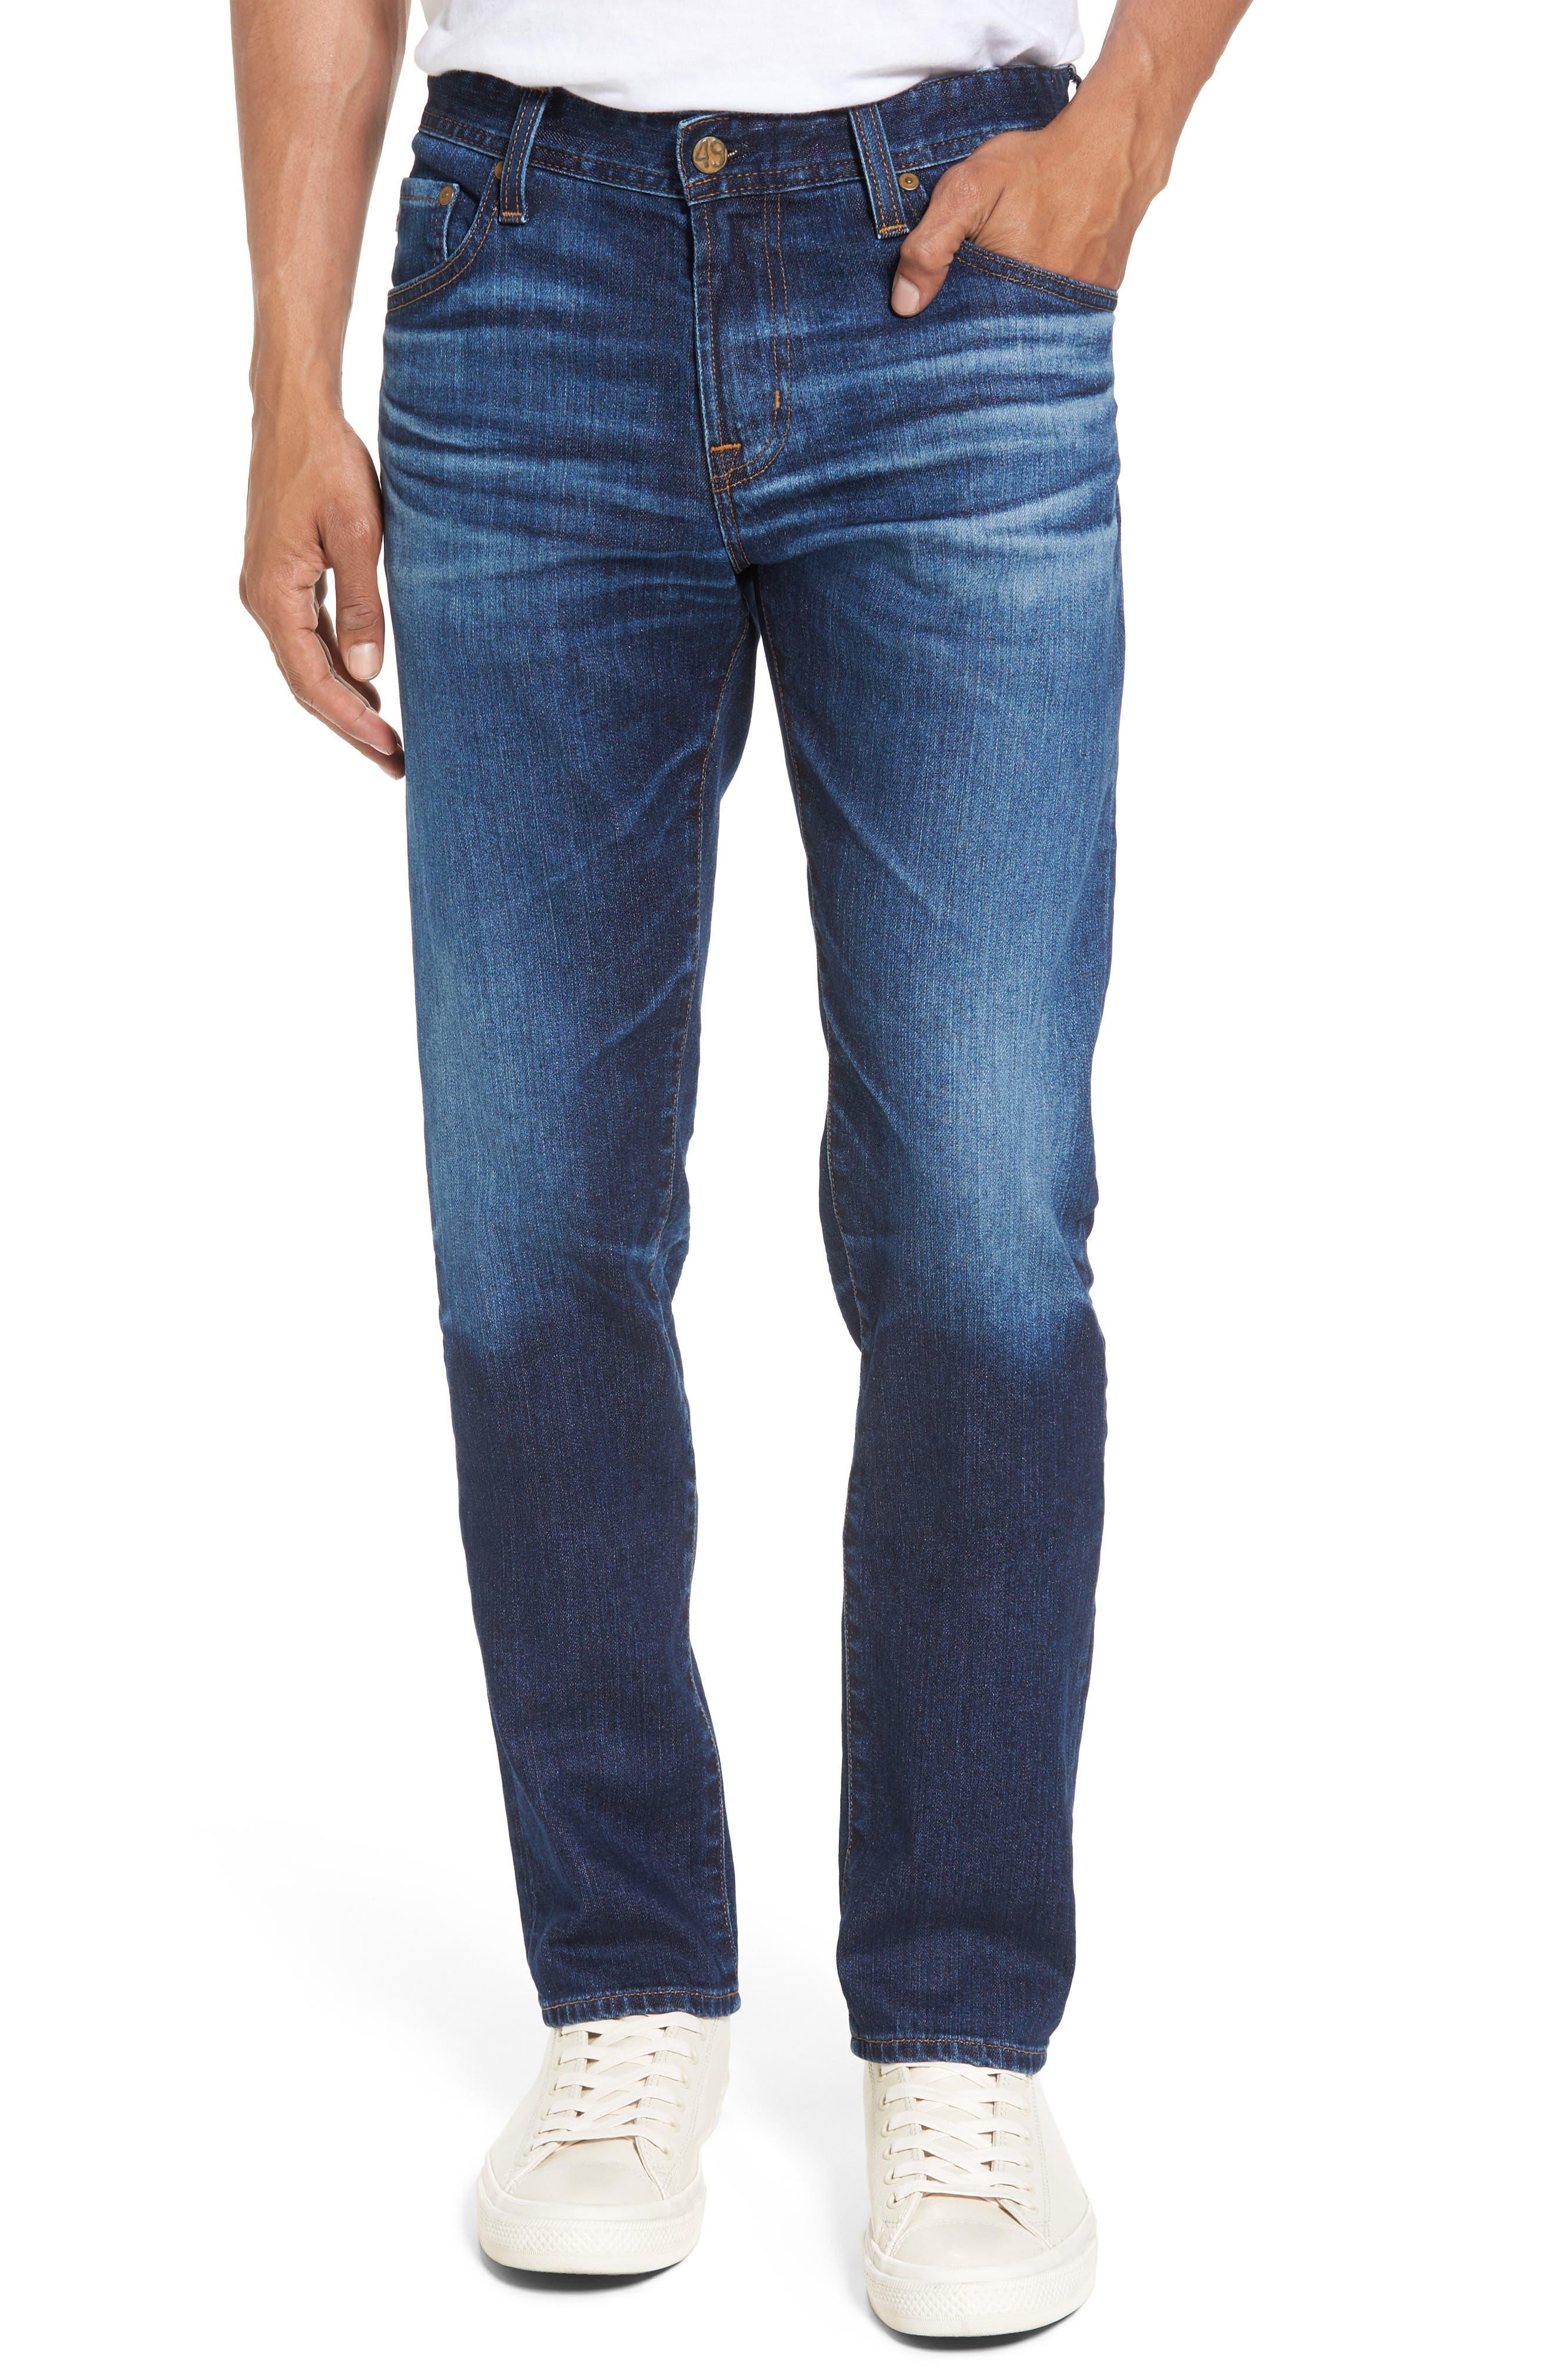 Tellis Slim Fit Jeans,                         Main,                         color, 451